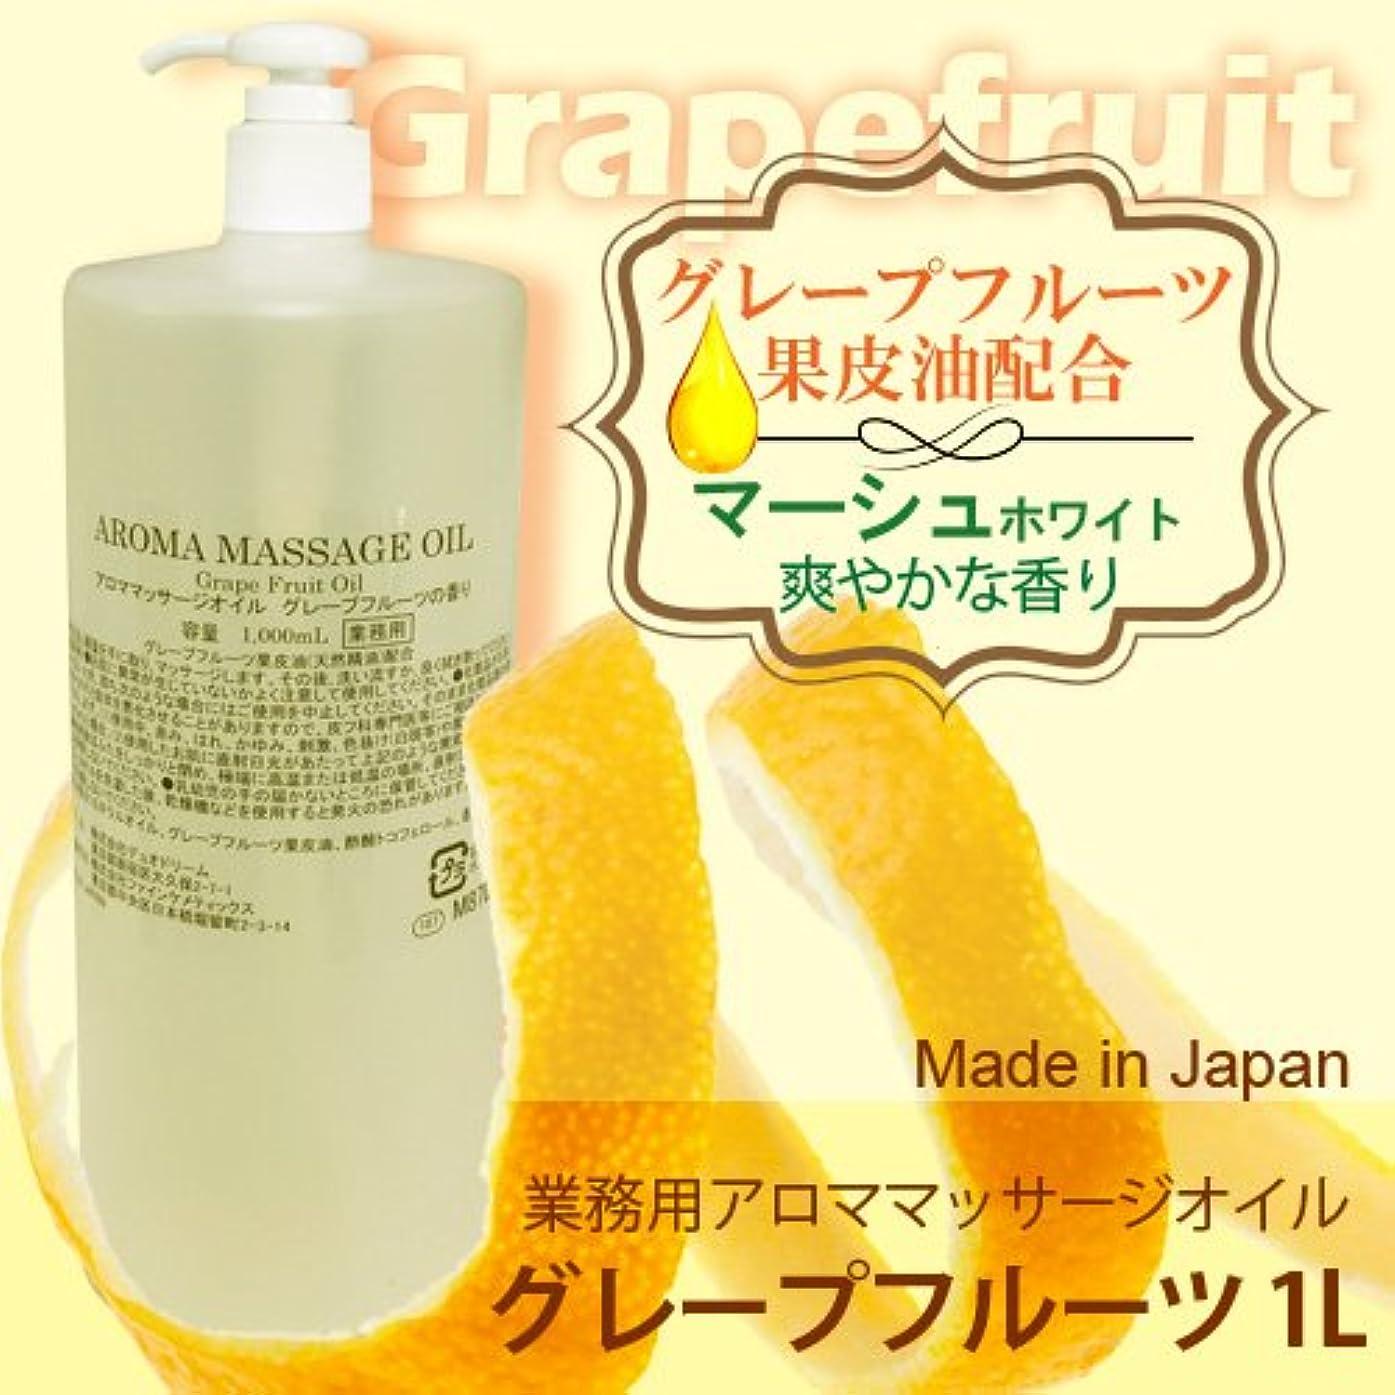 砂利インポート調停するアロママッサージオイル グレープフルーツ 1000ml / さっぱりタイプ/日本製